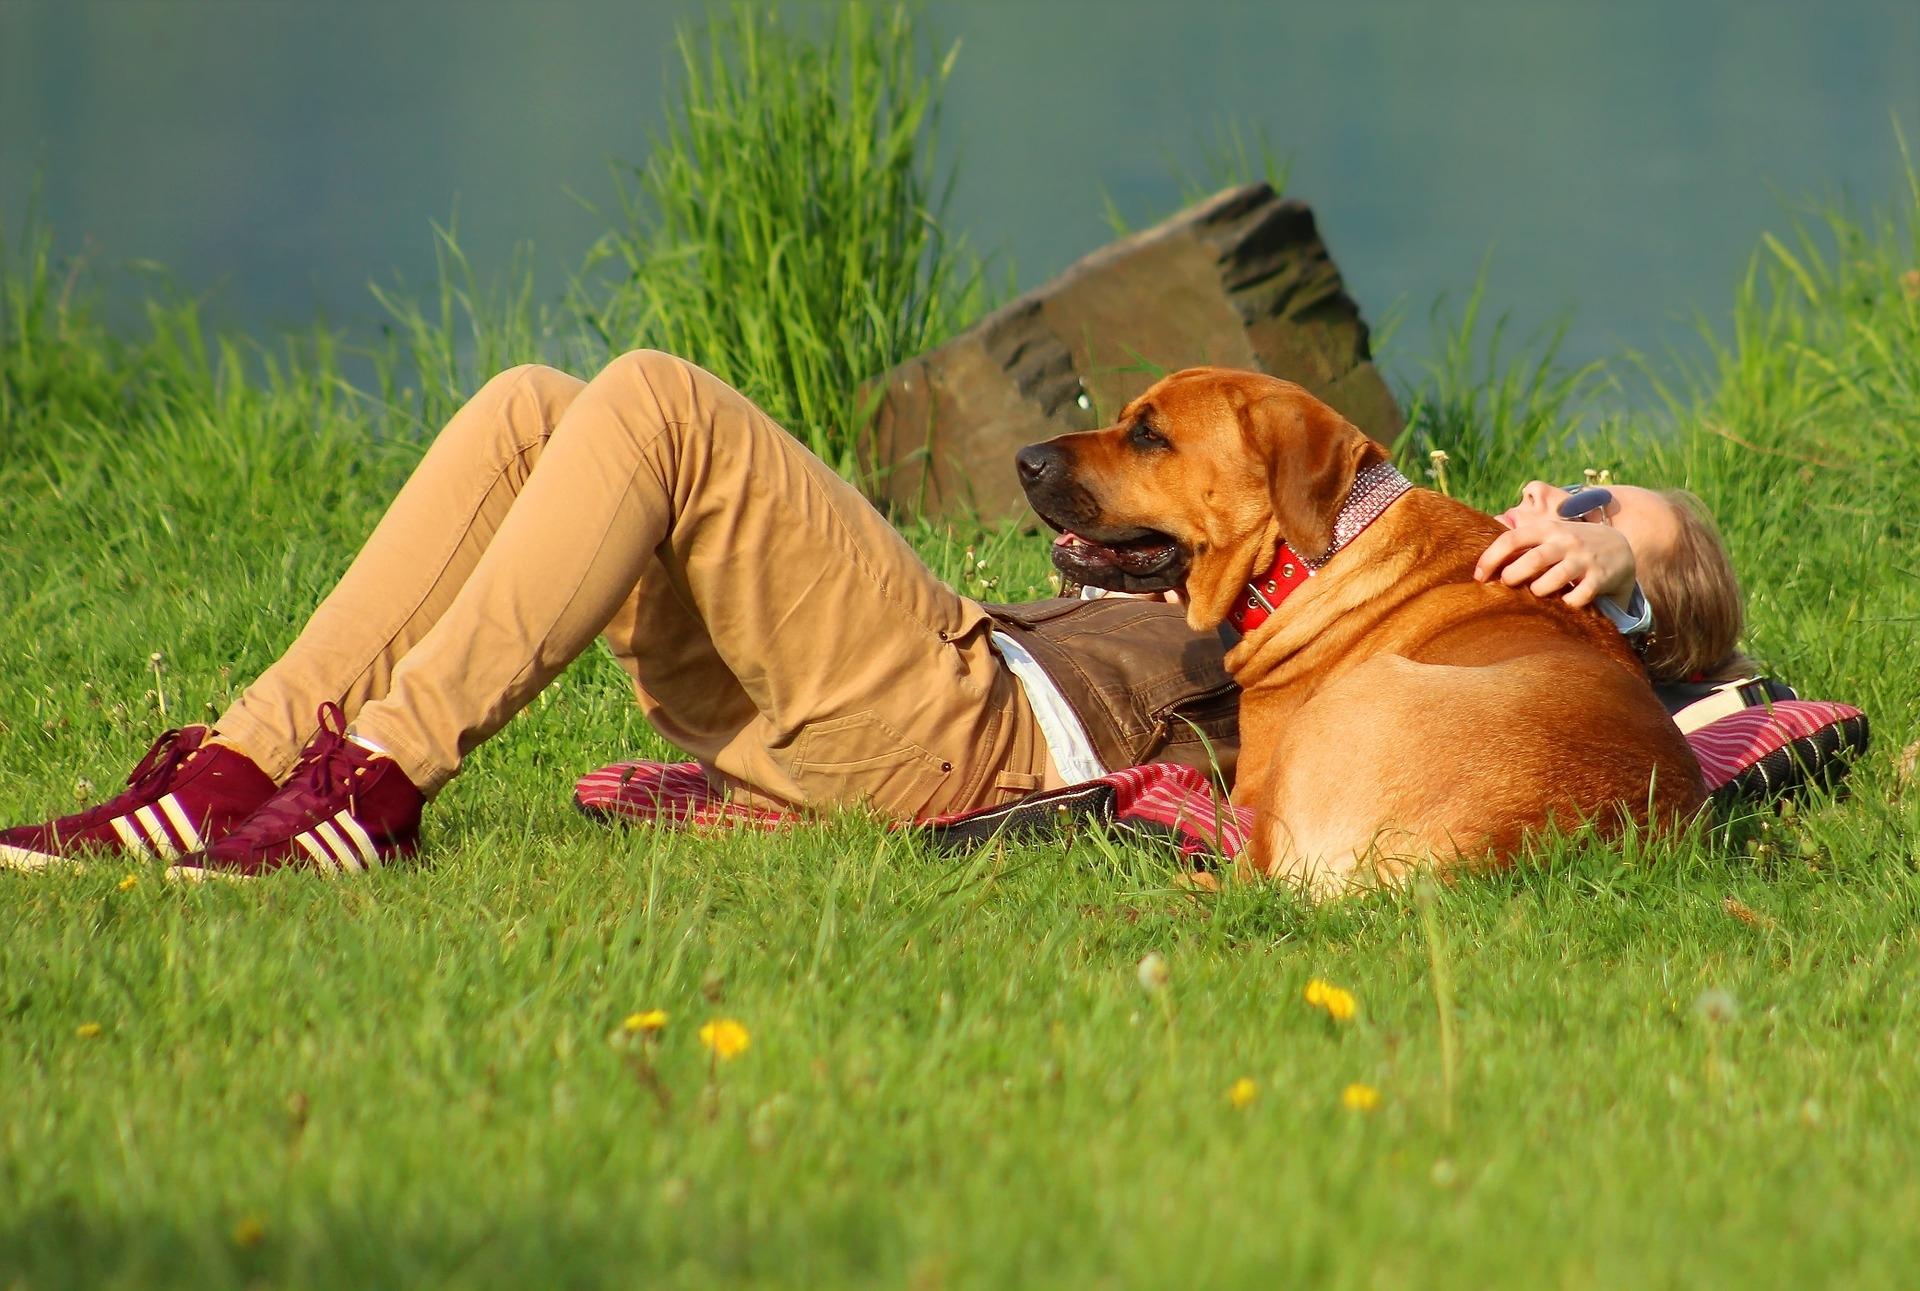 Versicherungspflicht für Hundehalter?